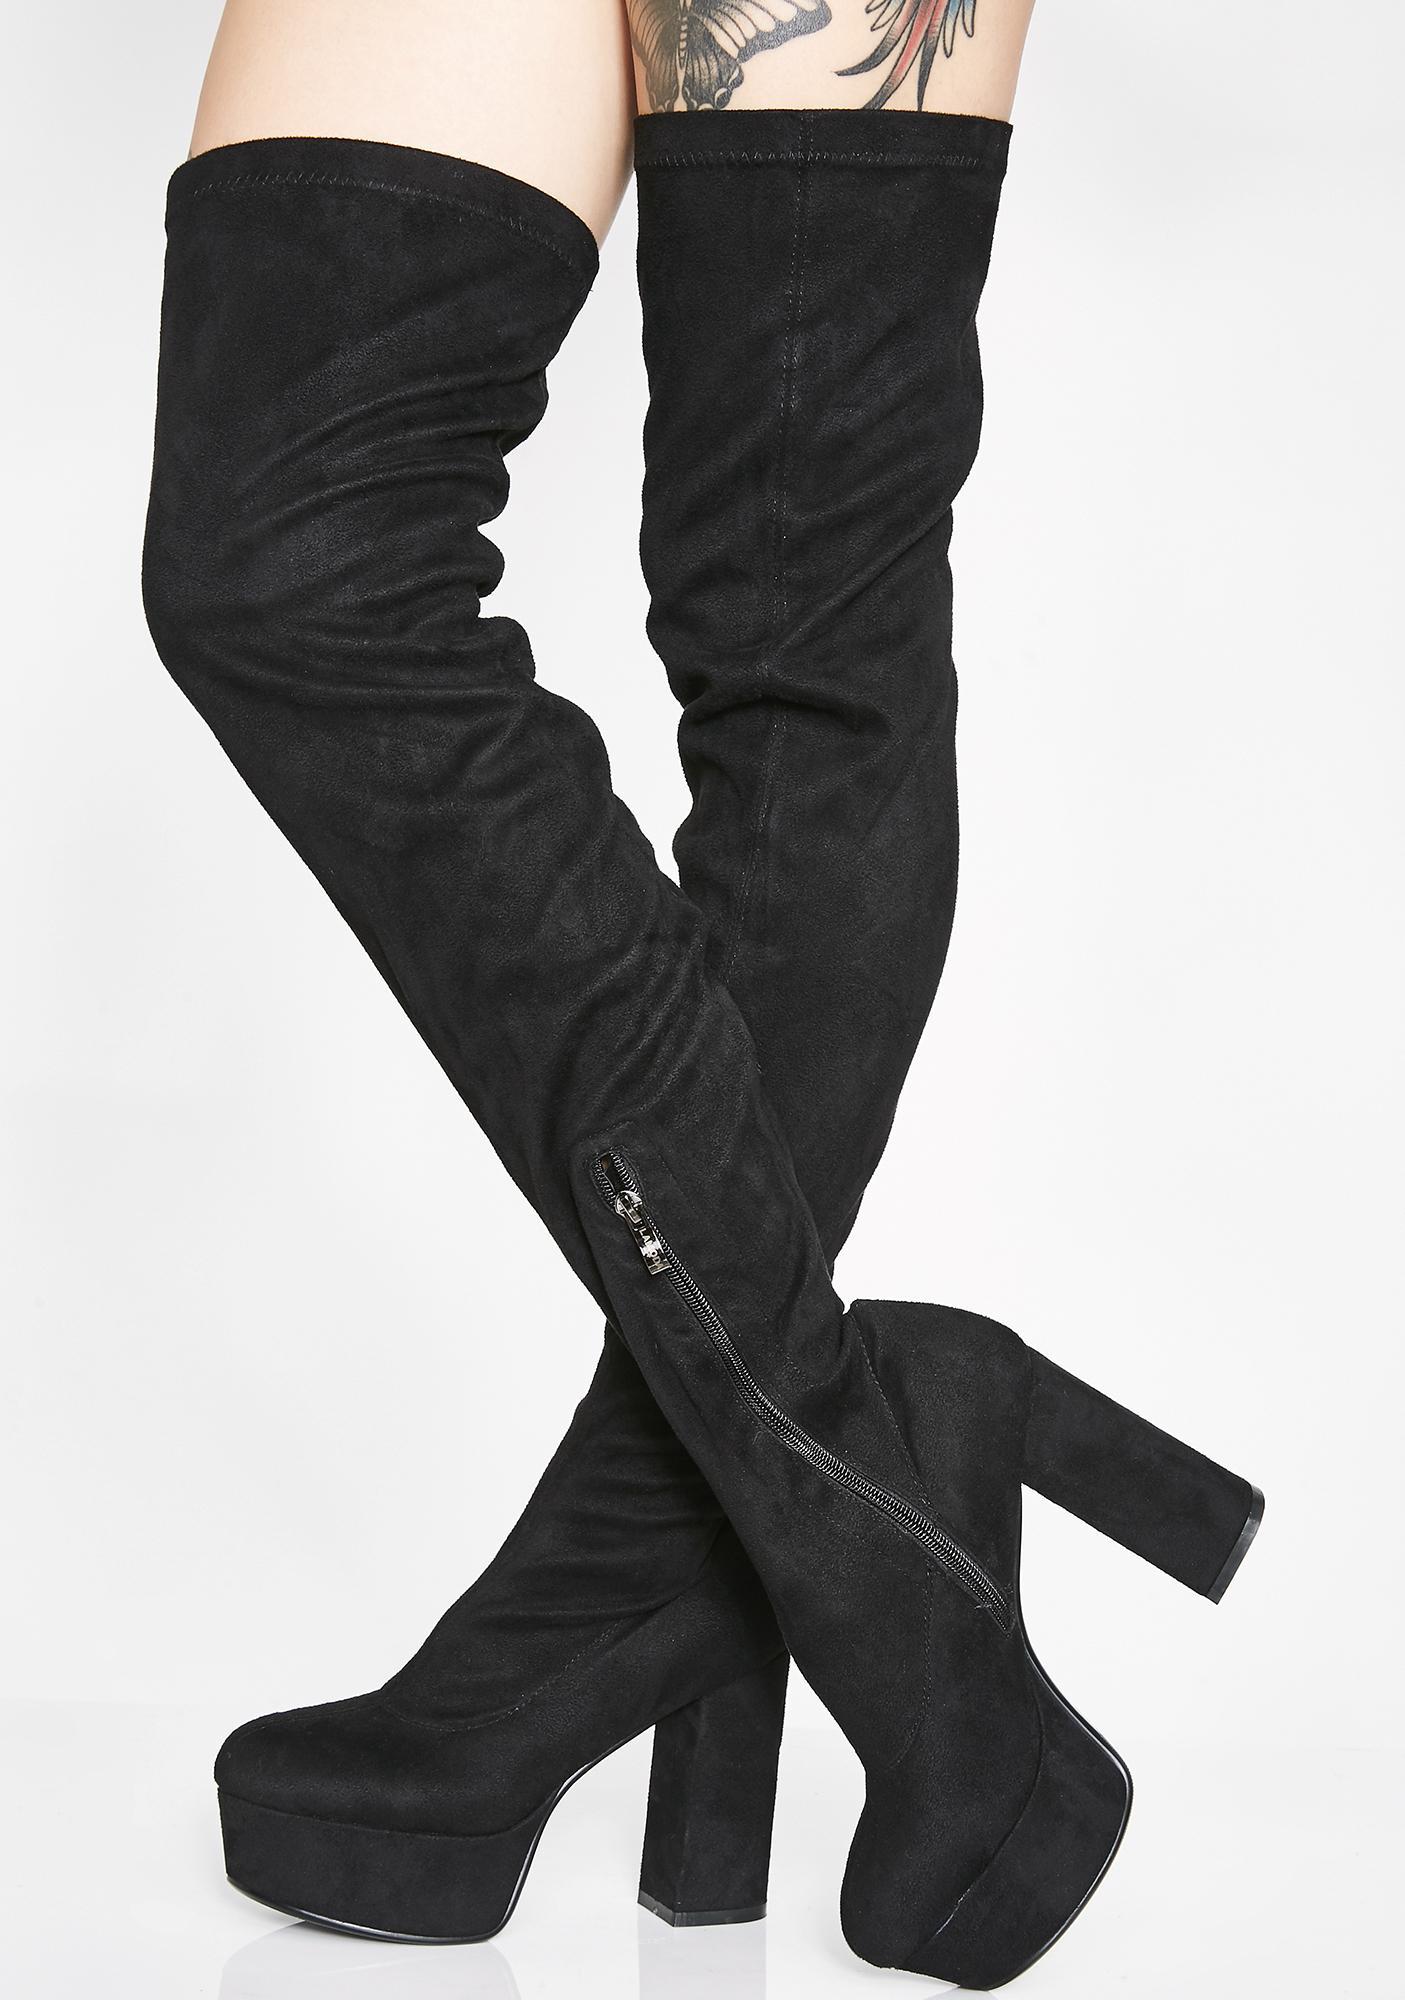 Lamoda Supplyin' Sass Thigh High Boots